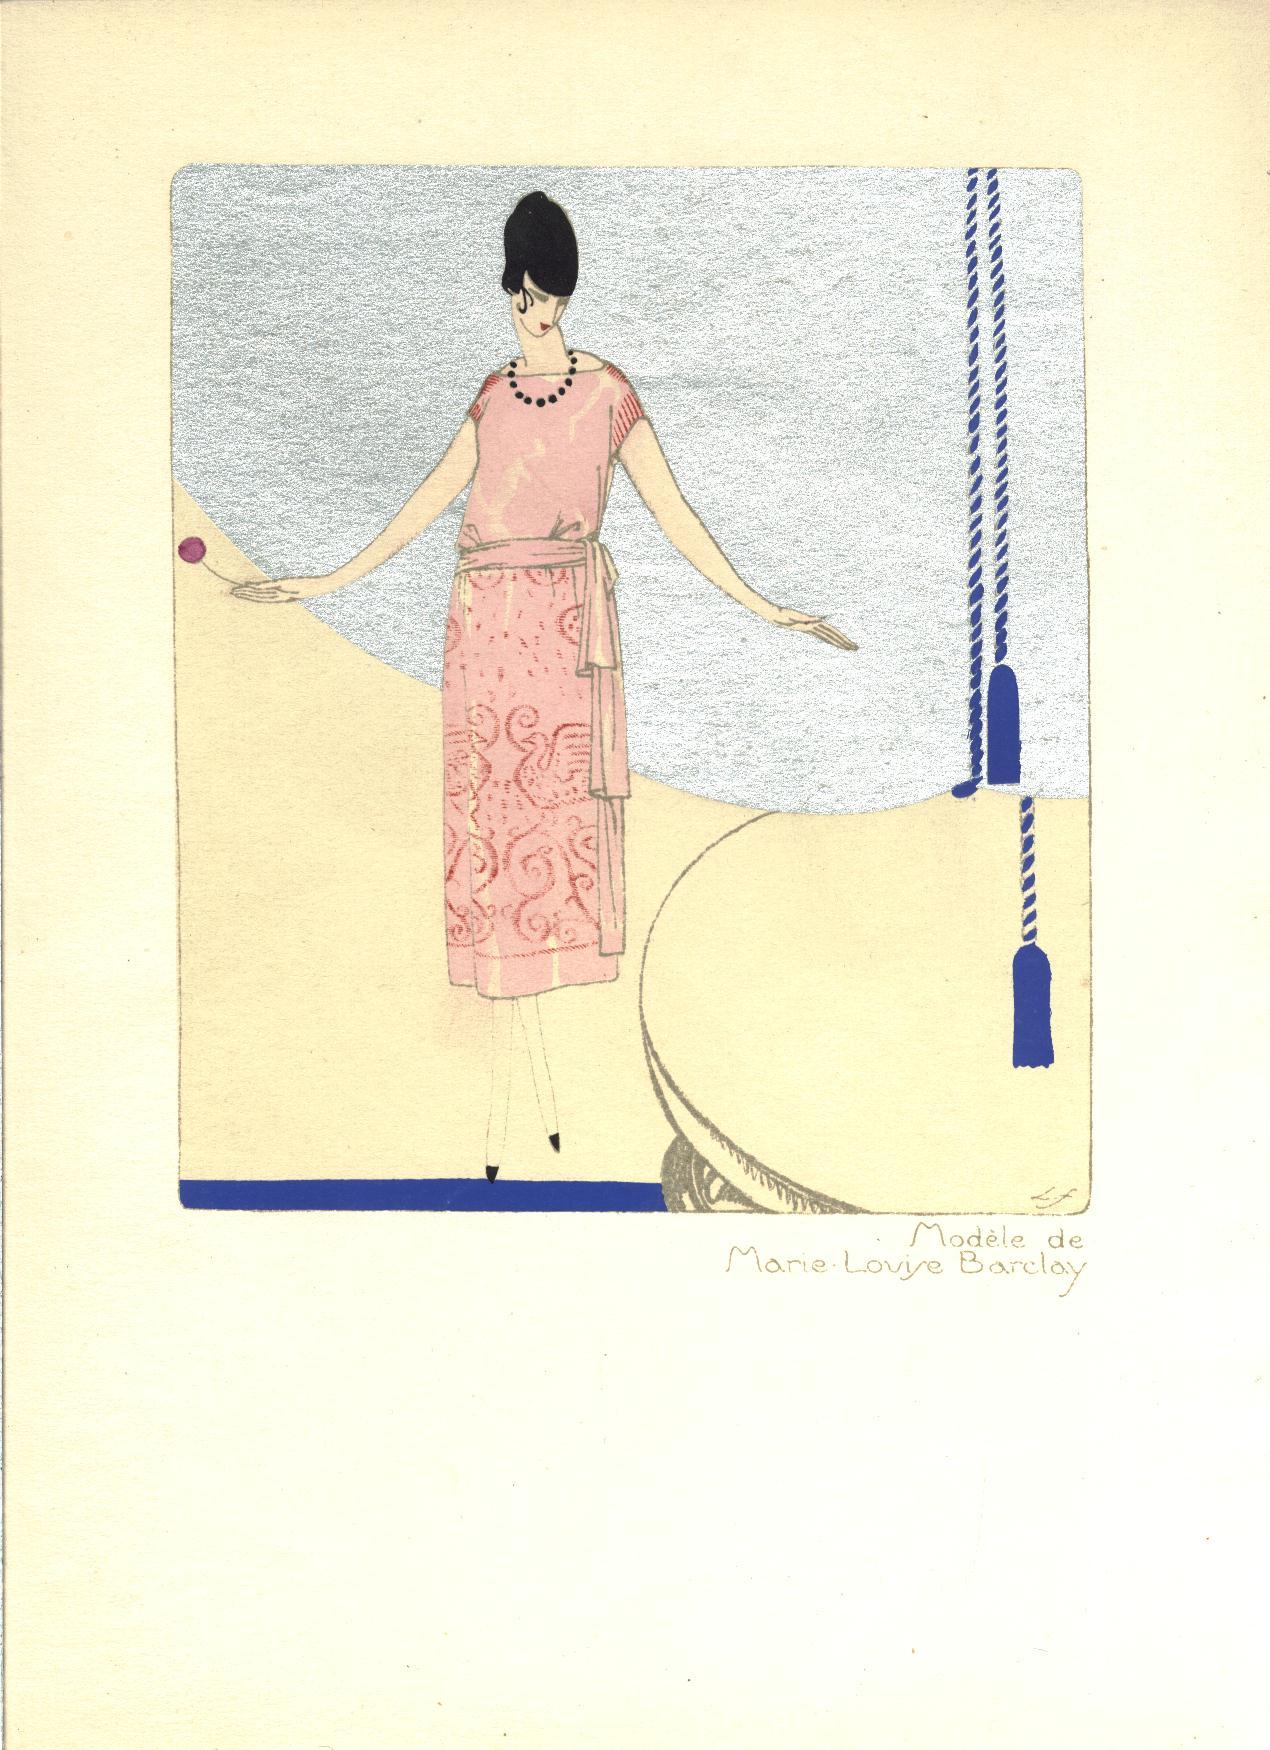 1922 art deco llano florez pochoir print rare for Pochoir deco